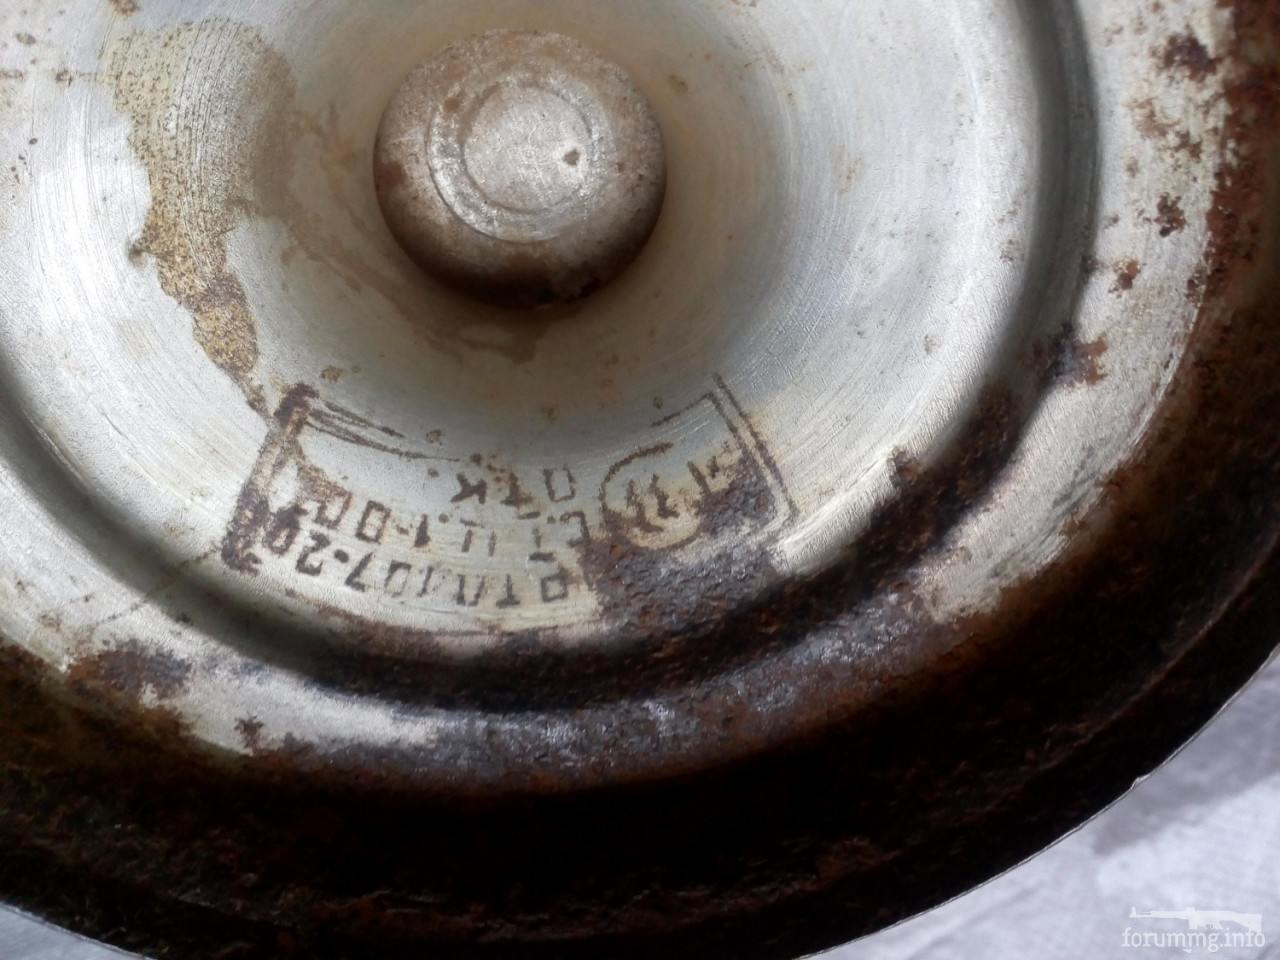 121362 - колесики к керосиновым лампам...может кому нужны в коллекцию?